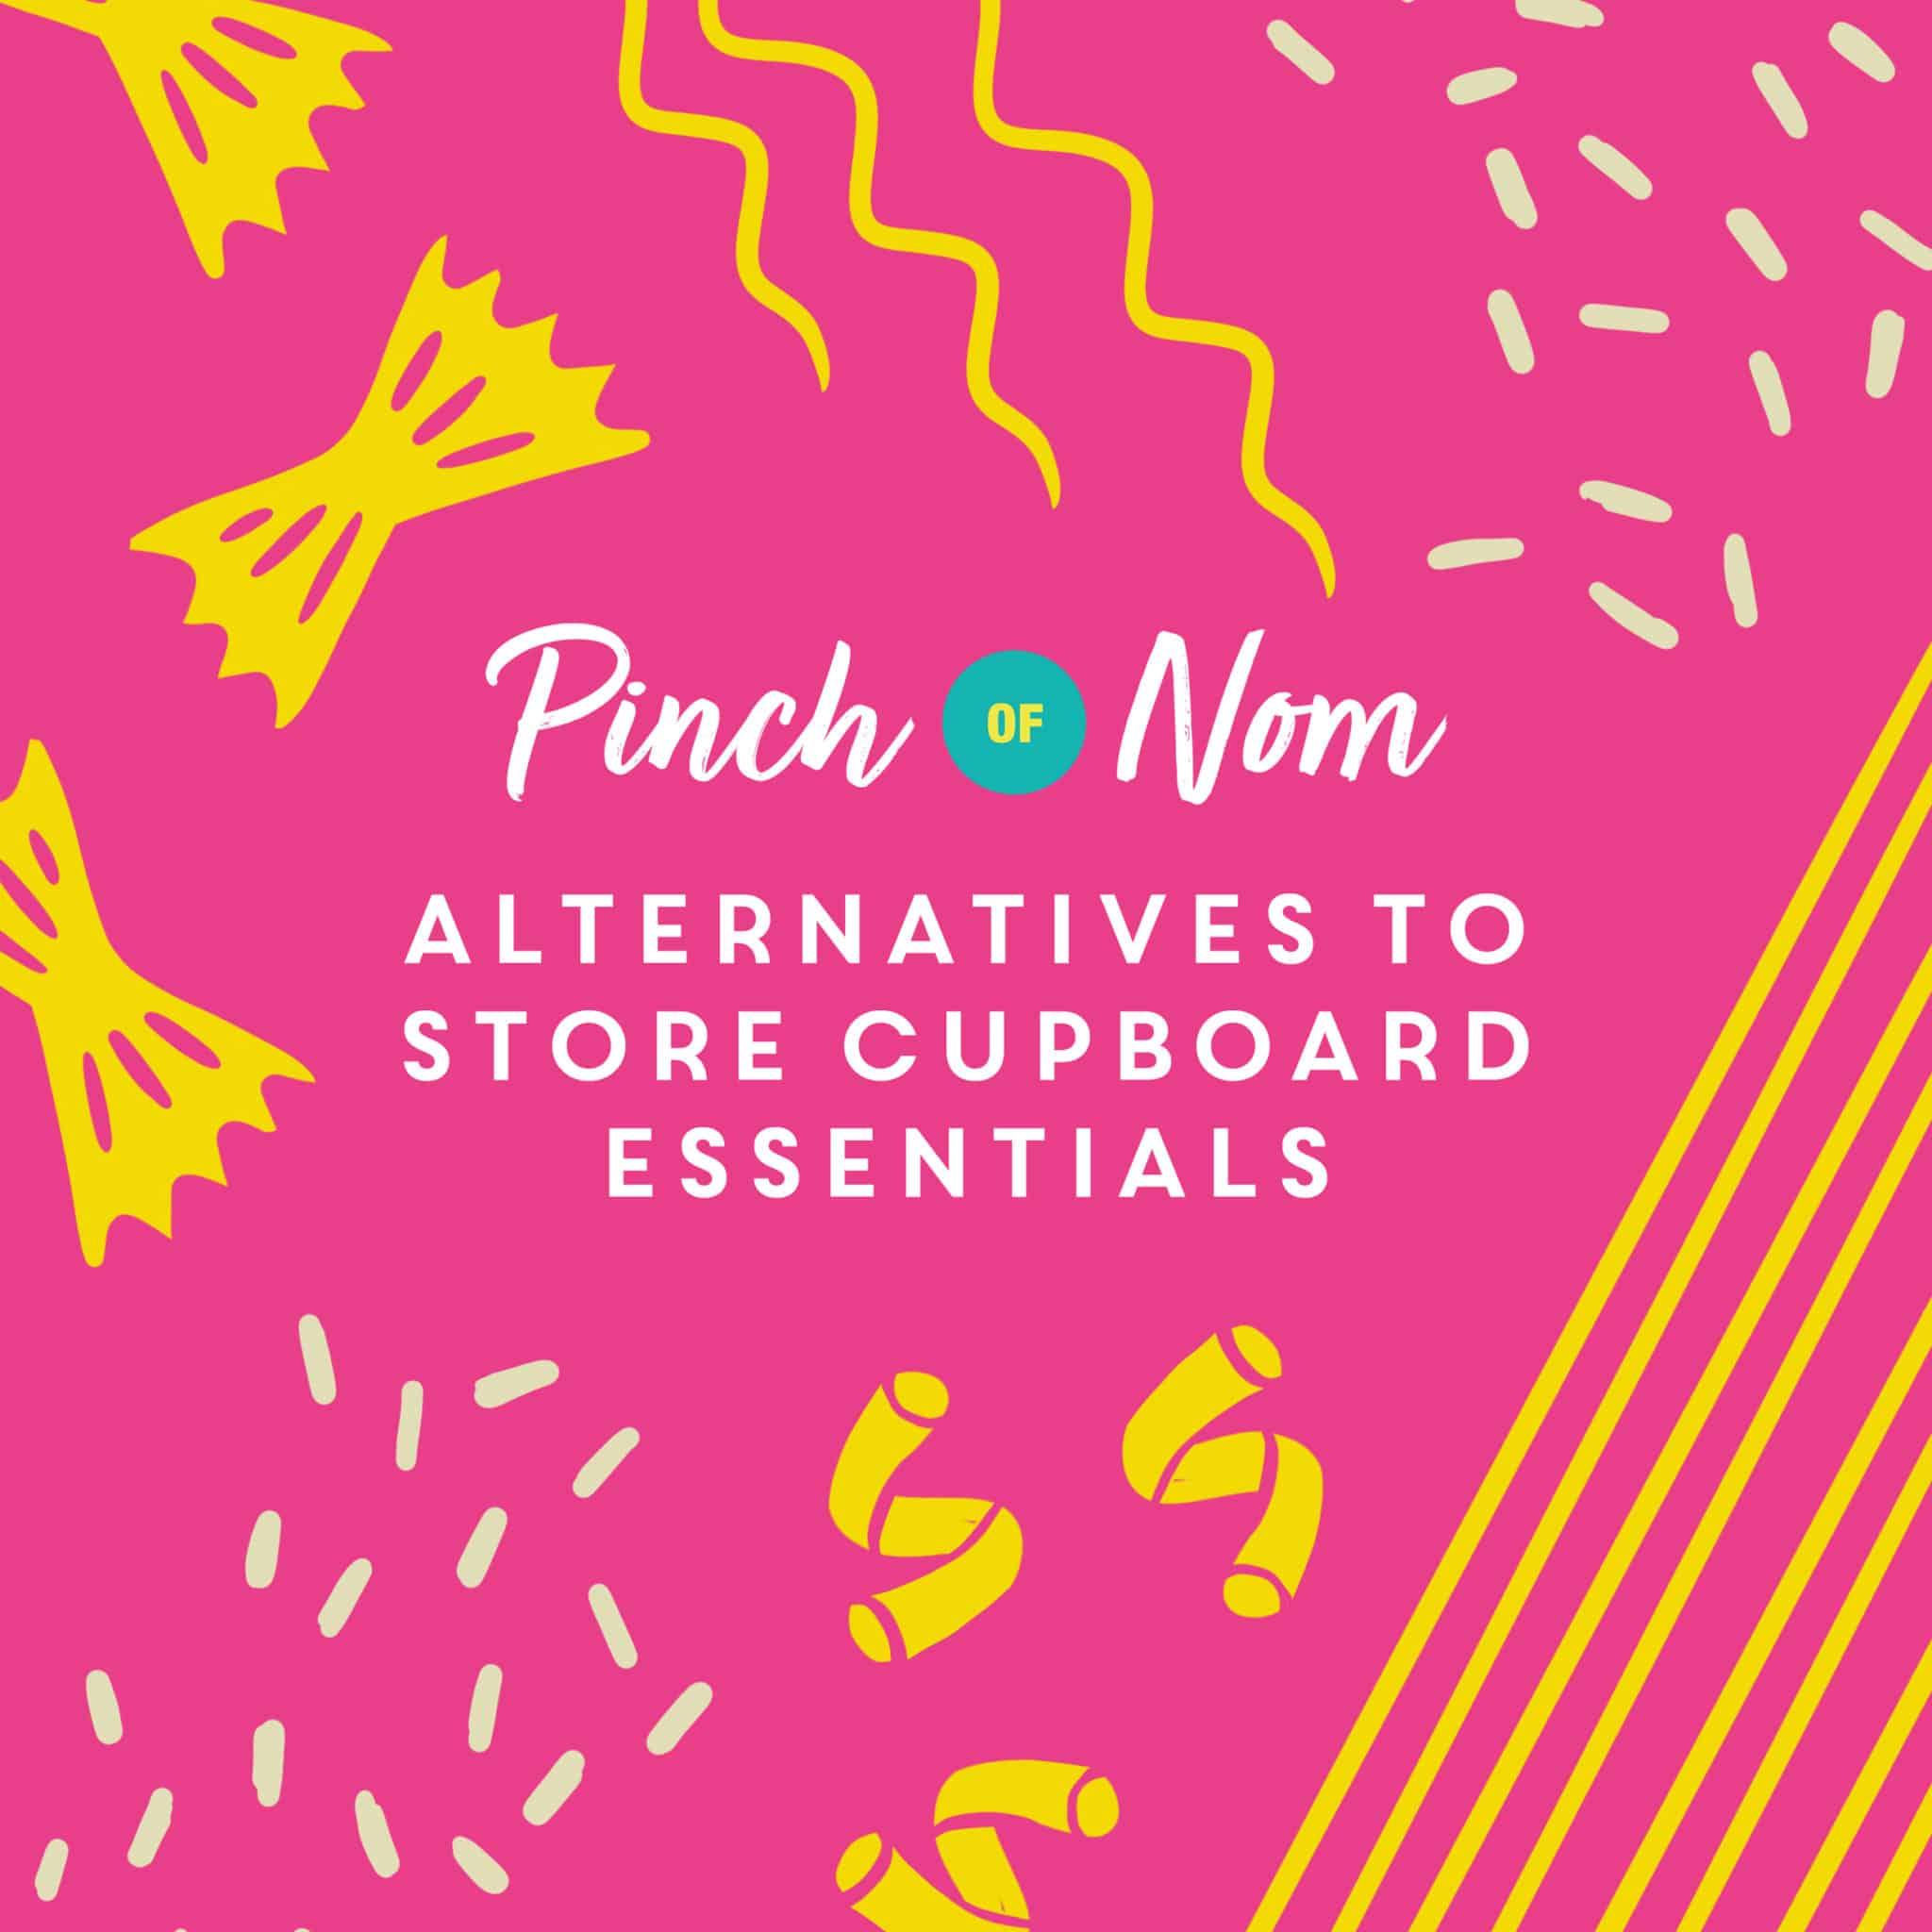 Alternatives to Store Cupboard Essentials pinchofnom.com